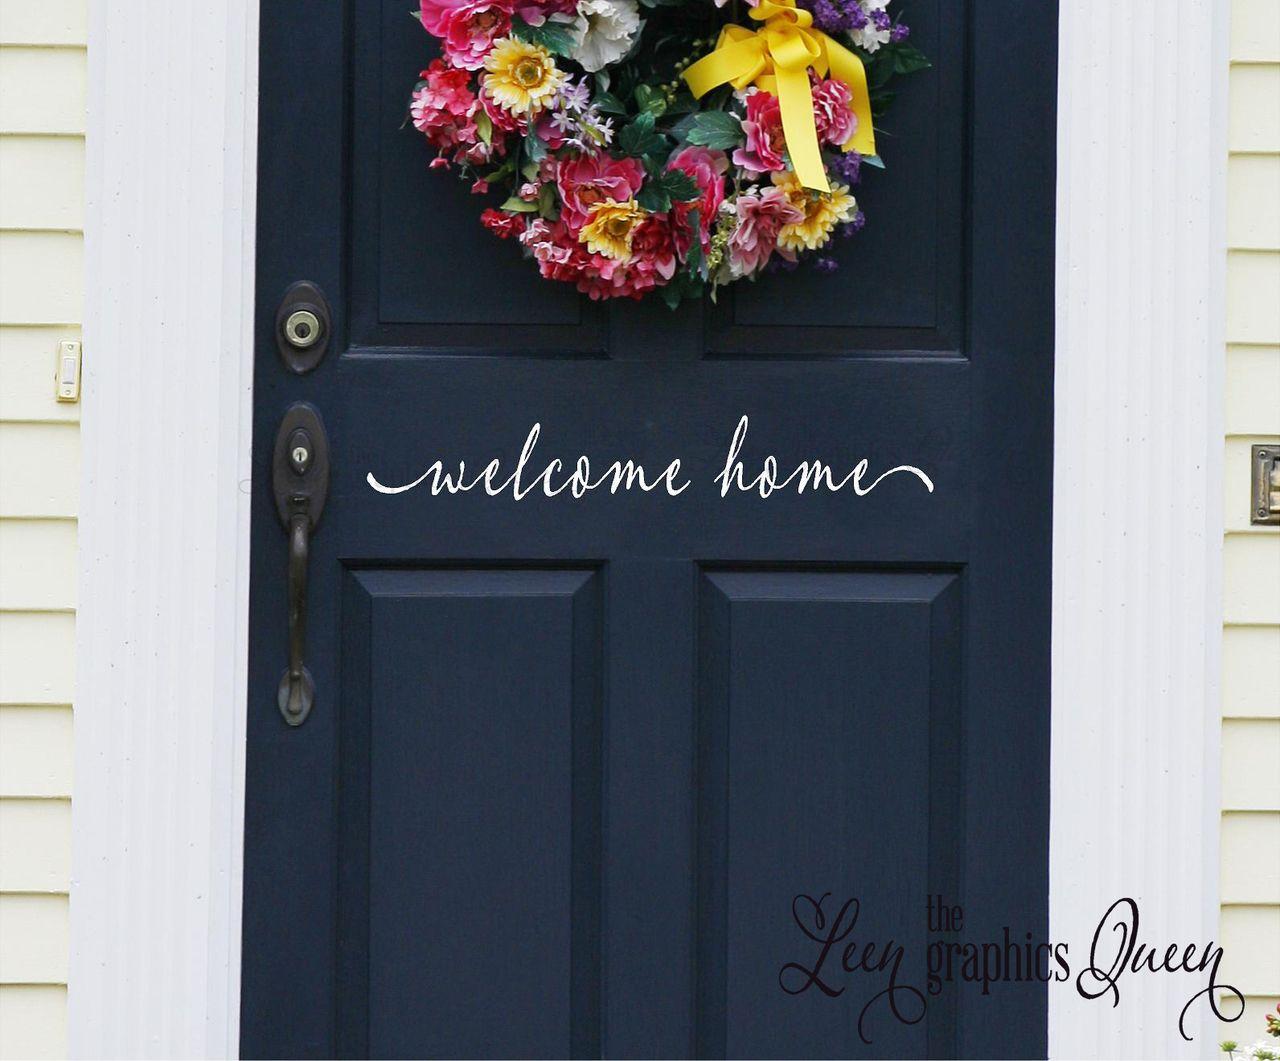 Leen the Graphics Queen - Welcome Home Front Door Vinyl Wall Decal $10.00 (